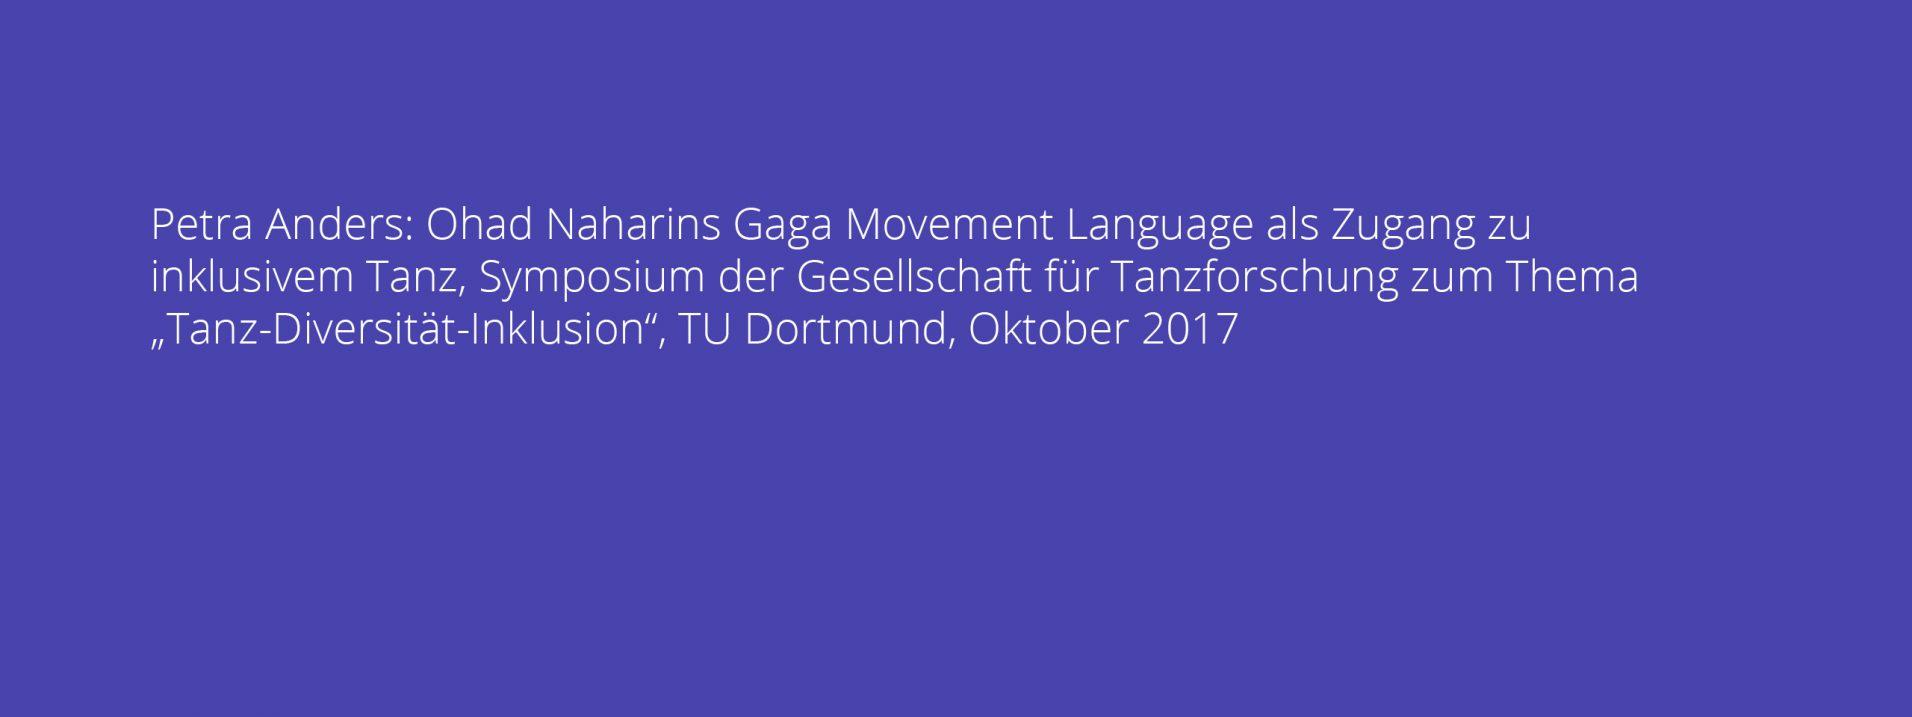 """Vortrag: Ohad Naharins Gaga Movement Language als Zugang zu inklusivem Tanz, Symposium der Gesellschaft für Tanzforschung zum Thema """"Tanz- Diversität-Inklusion"""""""